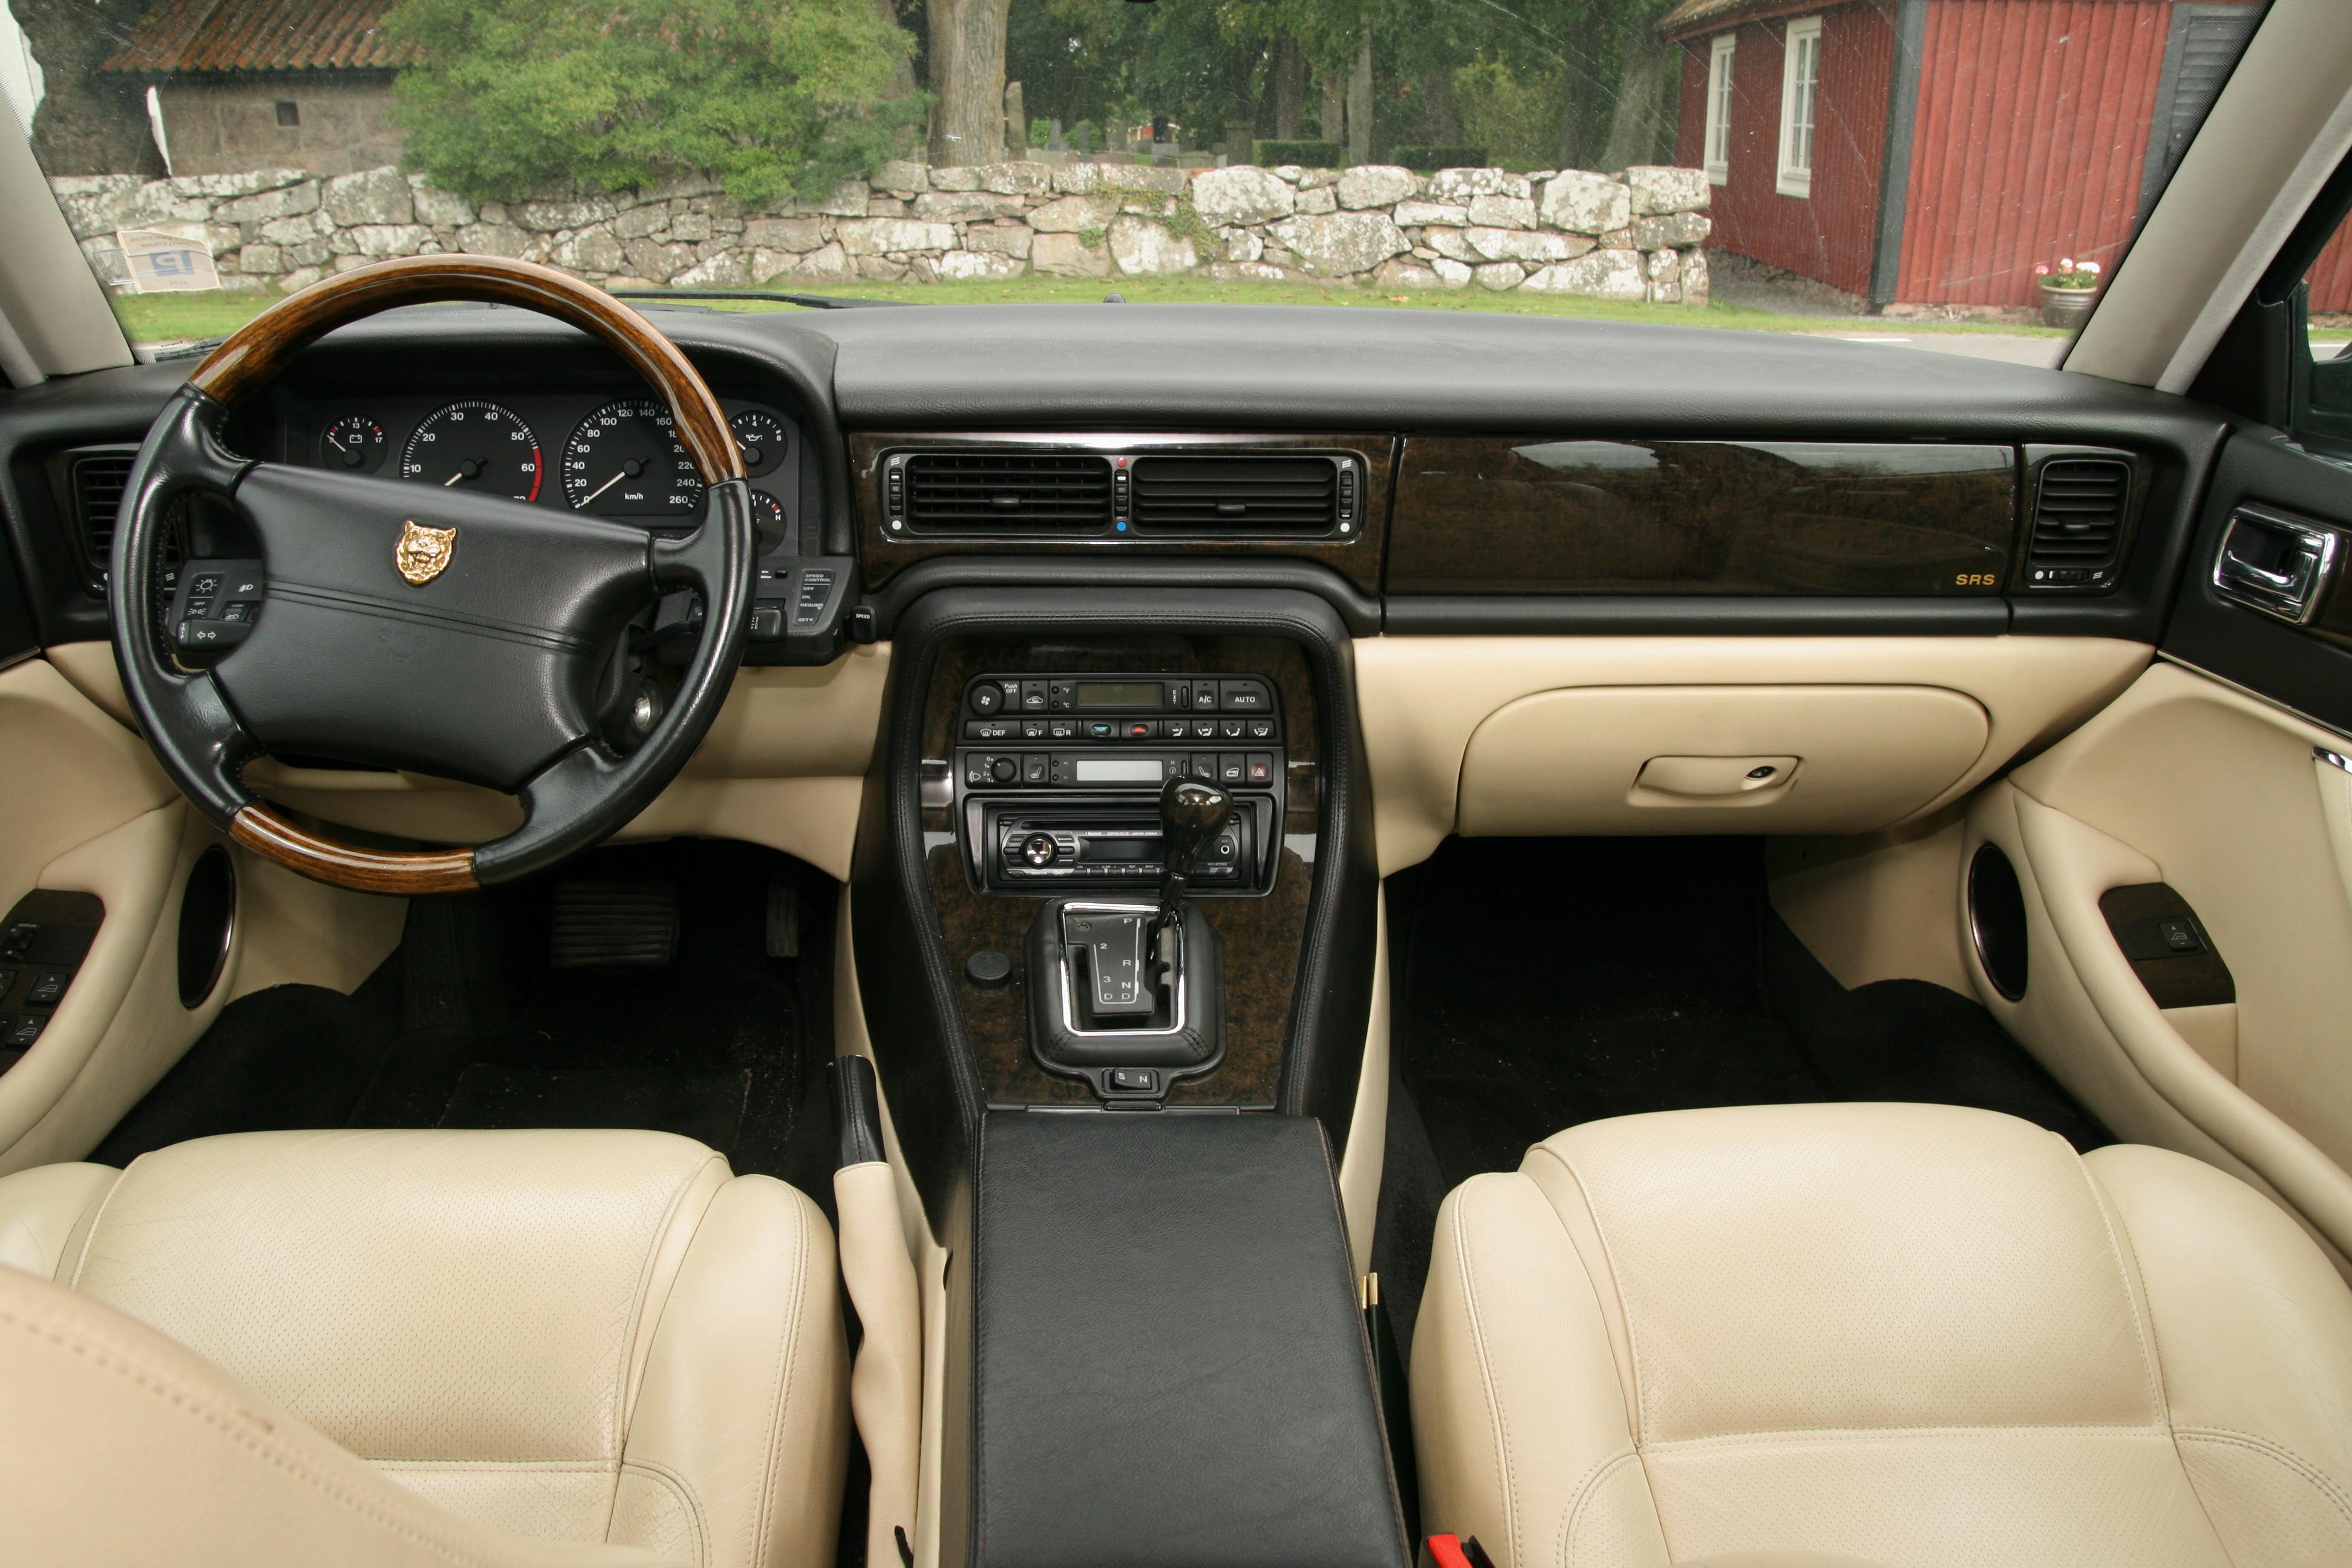 Härlig läderinteriör i Jaguar XJR med en särskild svårdefinierbar Jaguar-känsla. En del plastighet i knappar och reglage.